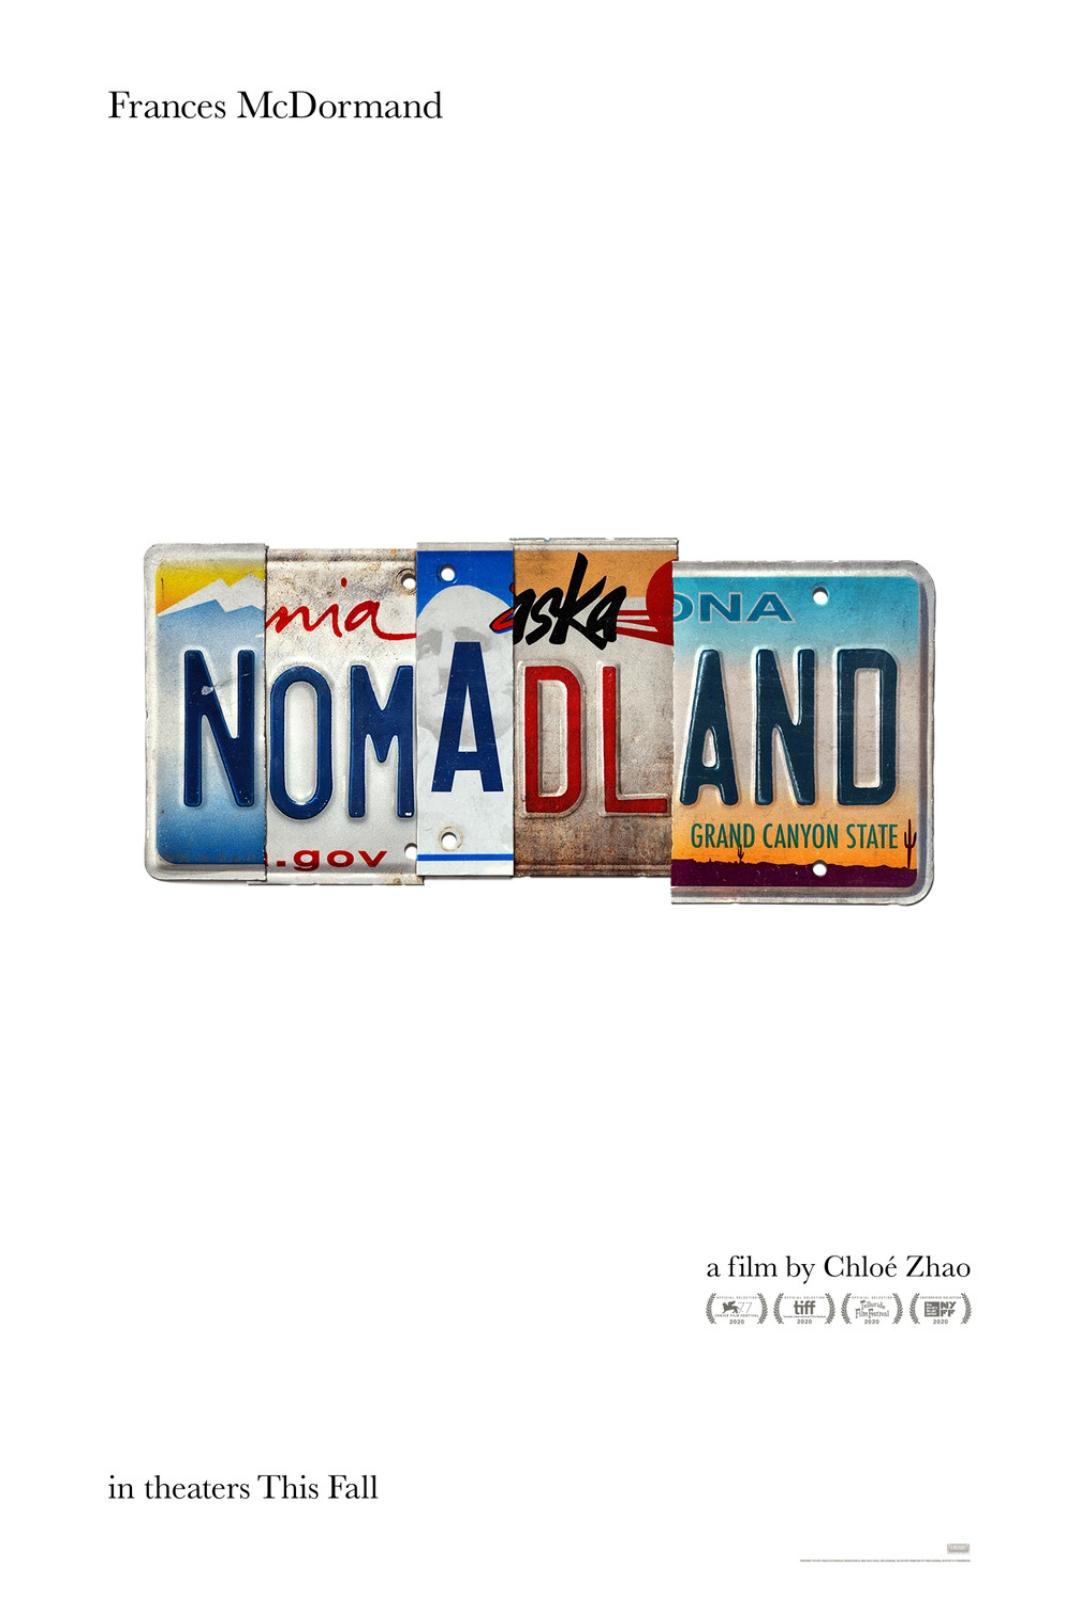 Primer avance oficial de 'Nomadland', una película de Chloé Zhao protagonizada por Frances McDormand - El Séptimo Arte